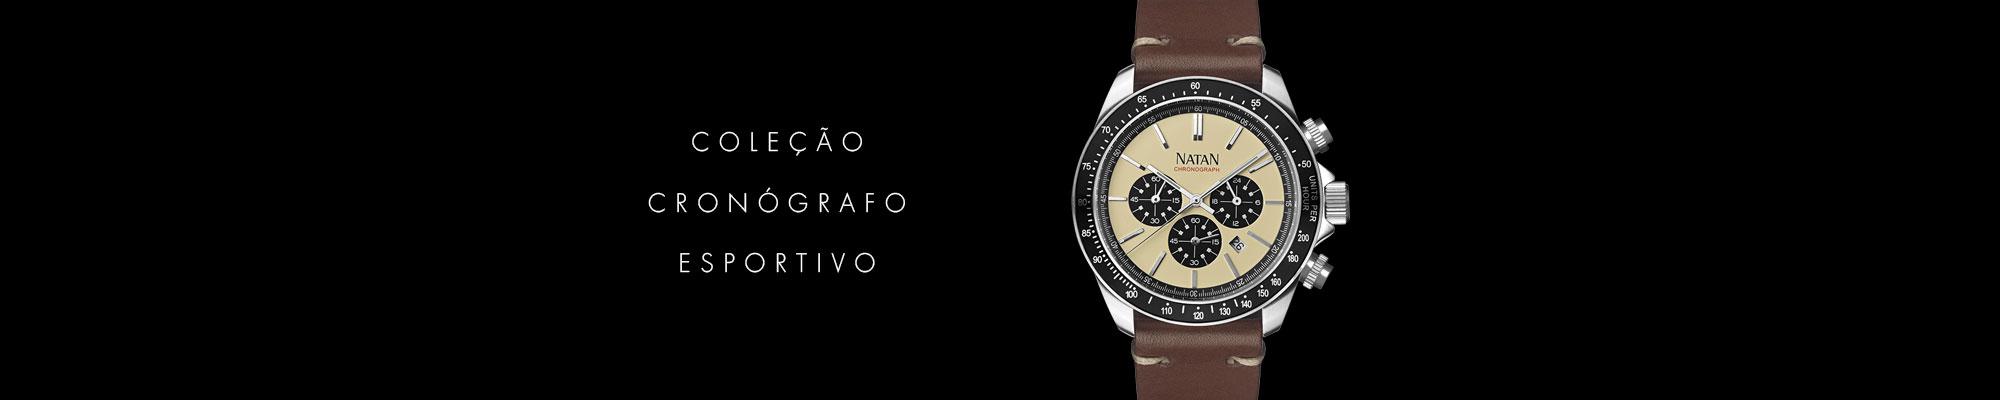 Relógios Natan coleção Cronógrafo Esportivos